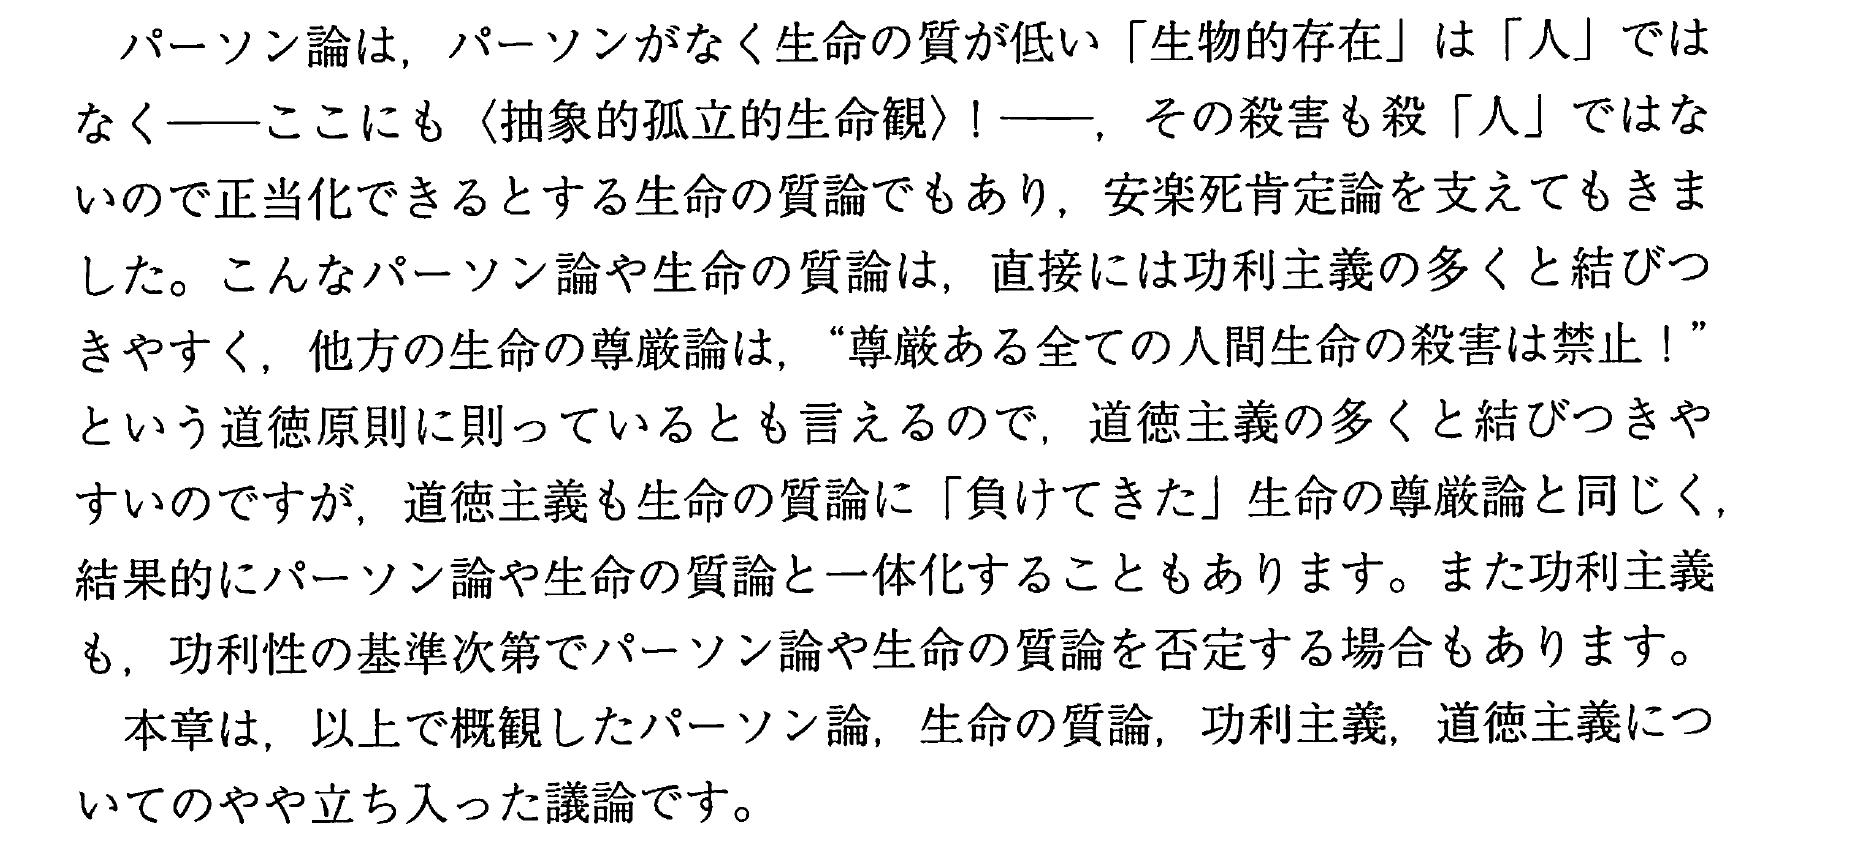 takeuchi2.png